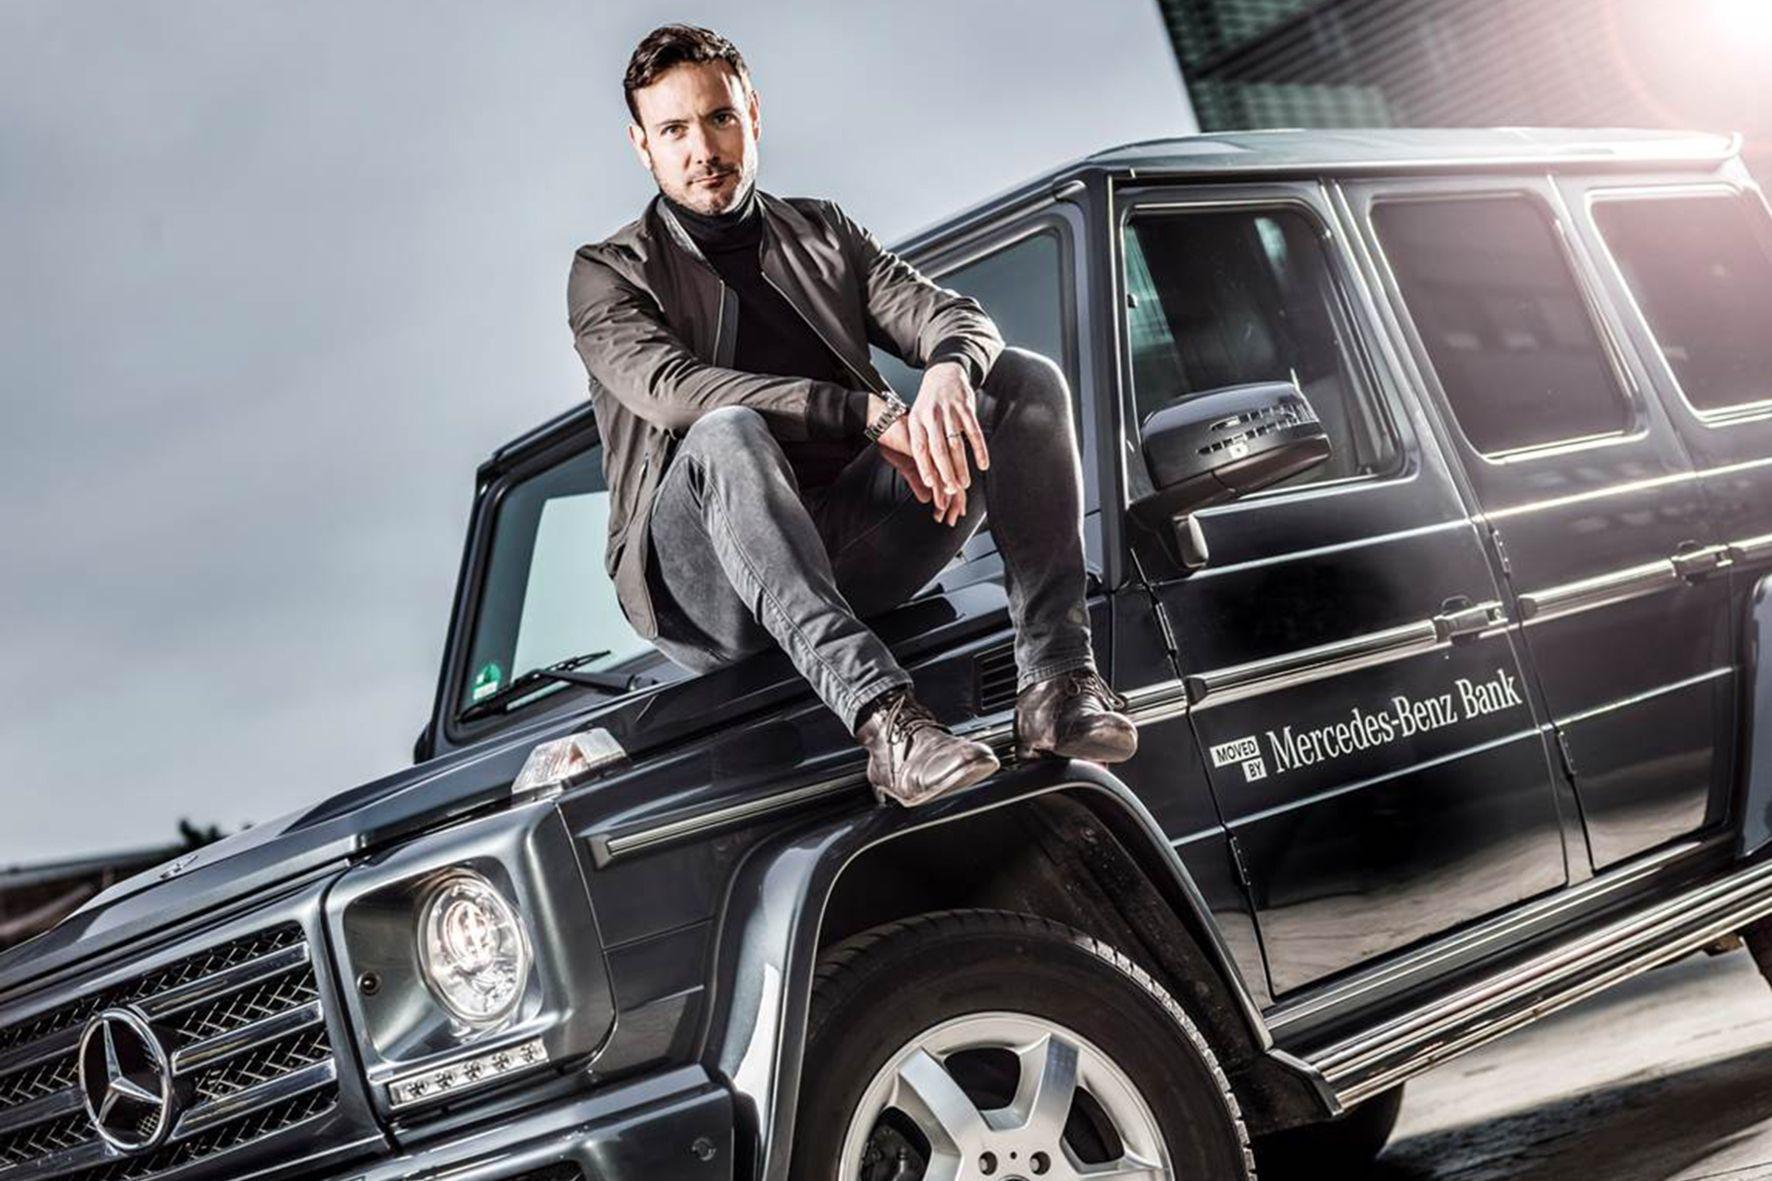 mid Groß-Gerau - Gemeinsam wollen Eric Gauthier und die Mercedes-Benz Bank Menschen bewegen und begeistern.